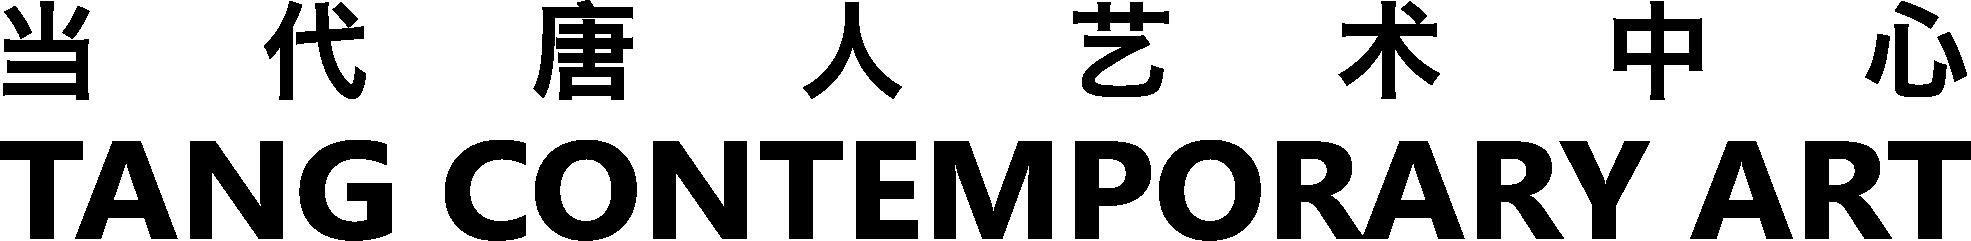 戴卓群|《段正渠:山川、荒原、人的肖像》  当代唐人艺术中心 段正渠 戴卓群 山川 荒原 肖像 个展 麻黄 Zhengqu 学术 Director 崇真艺客